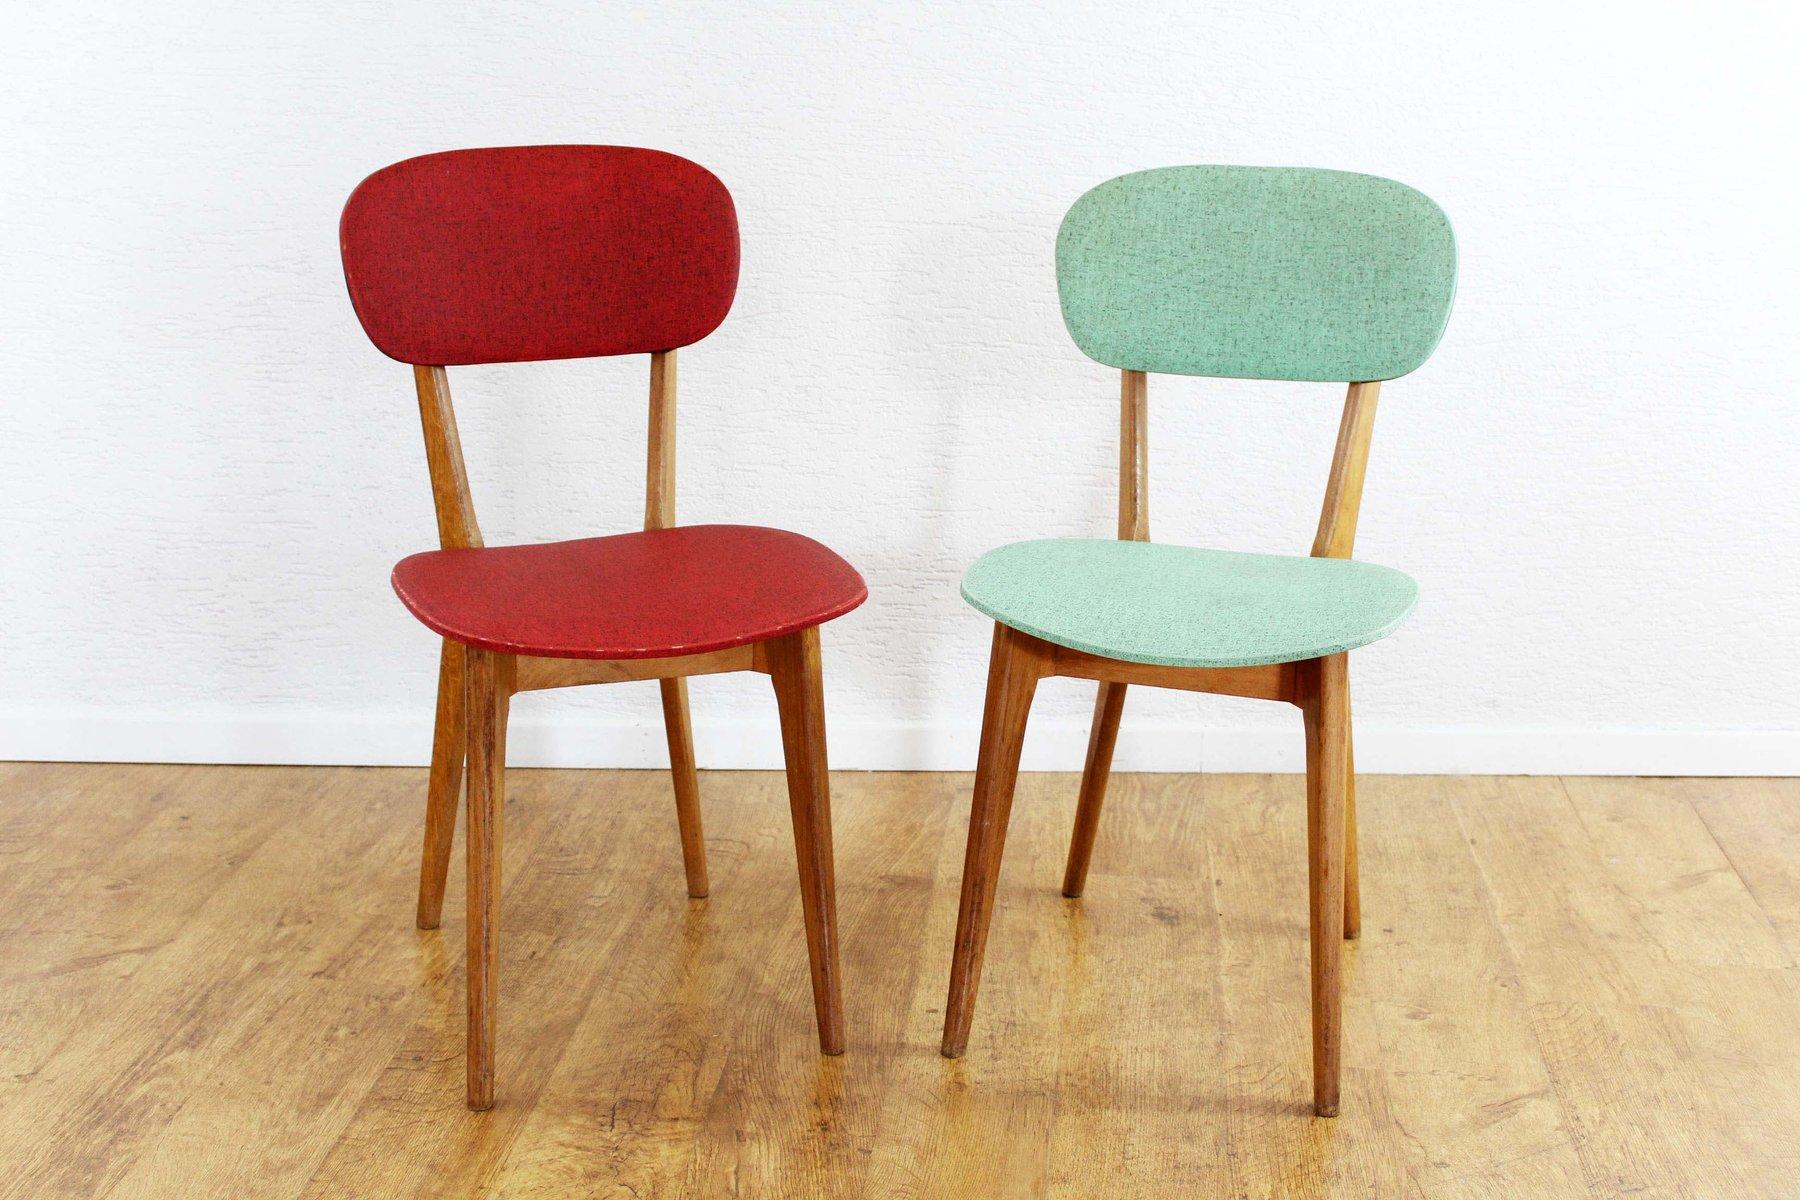 franz sische vintage st hle 1950er 2er set bei pamono kaufen. Black Bedroom Furniture Sets. Home Design Ideas